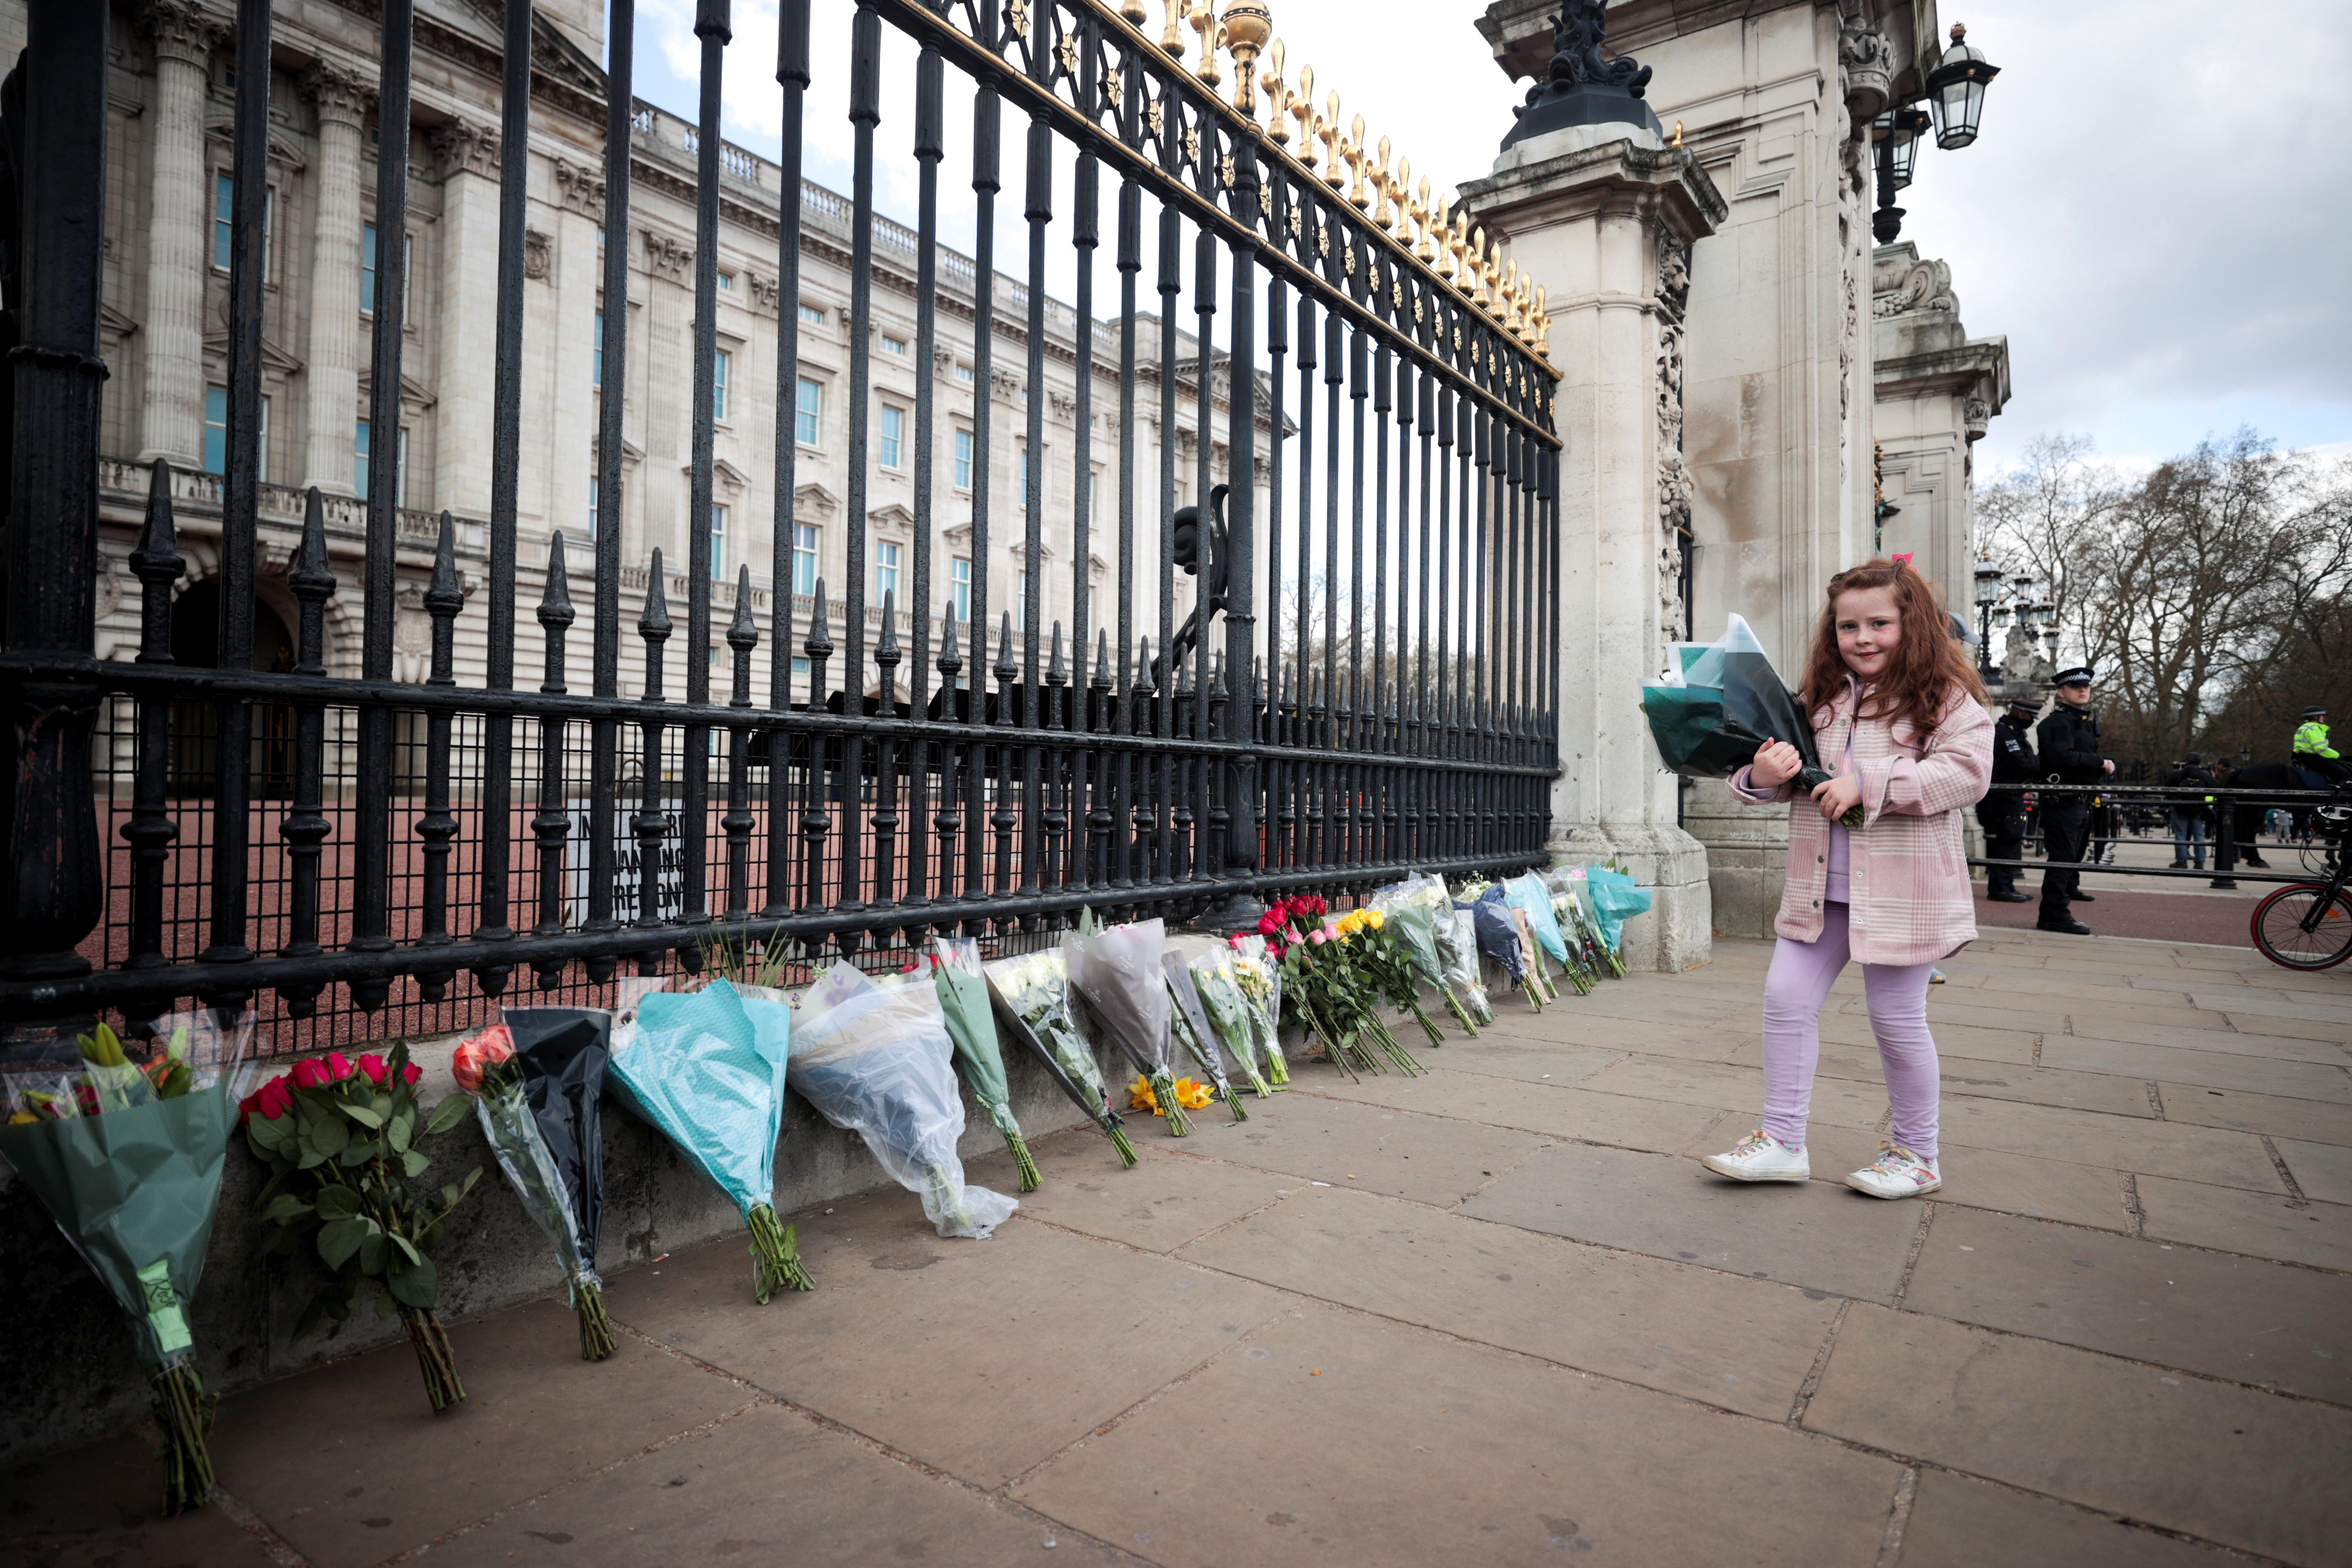 Una niña deja flores en el palacio de Buckingham.